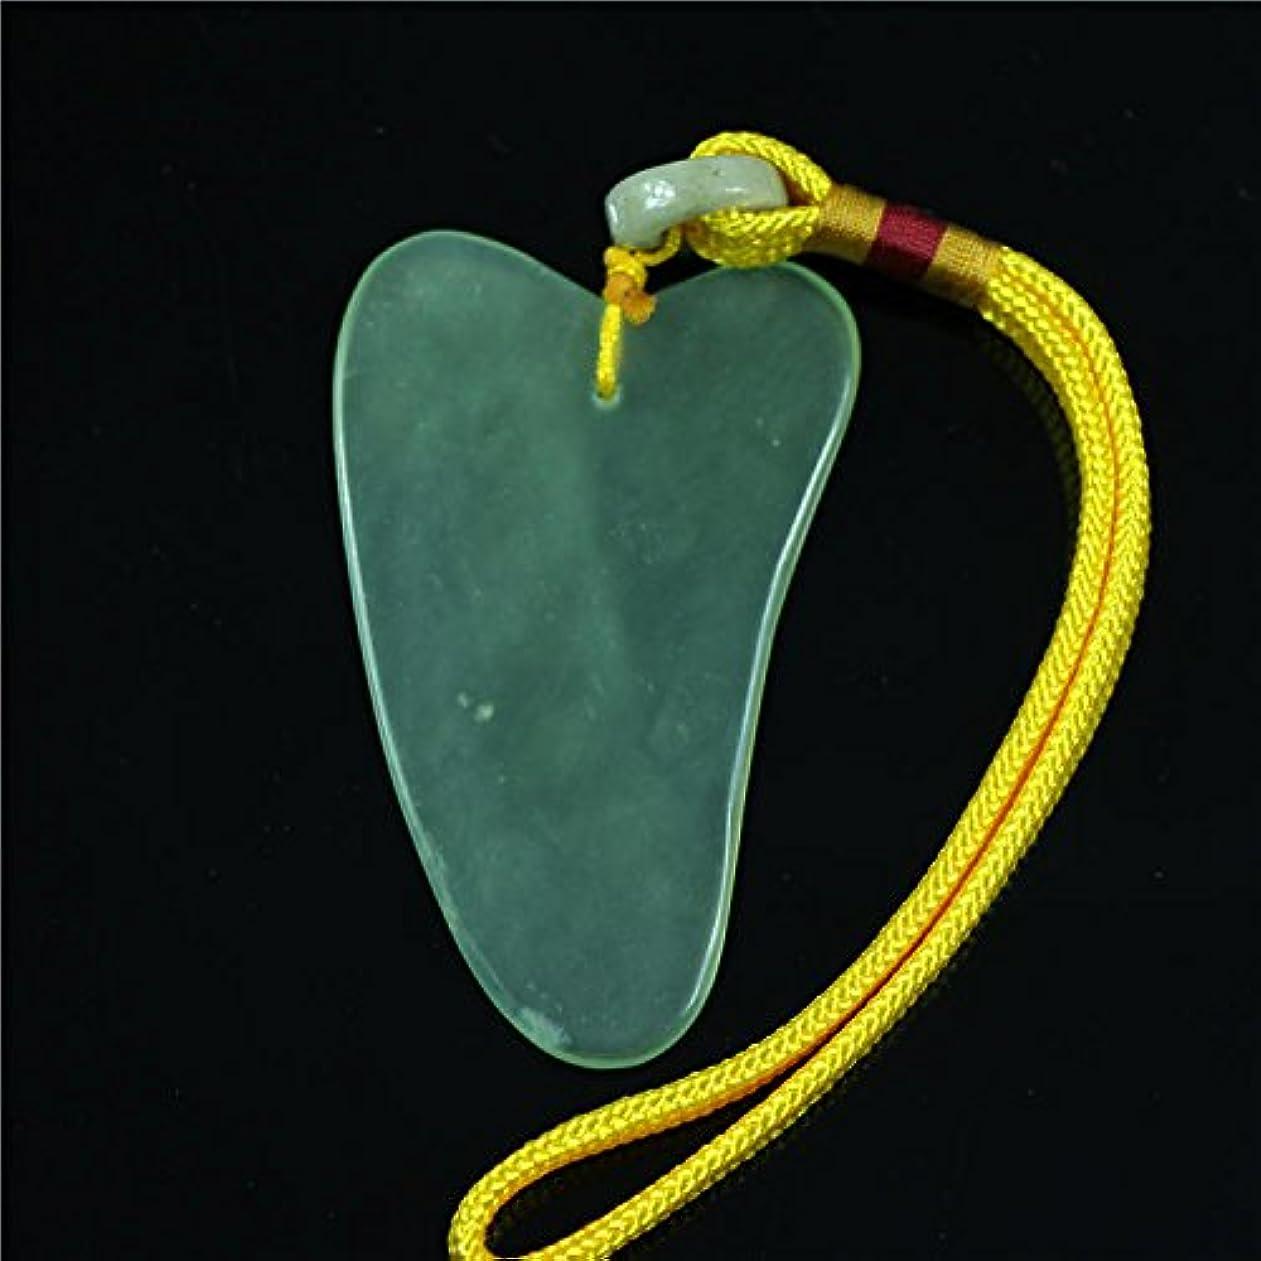 気分成長不信Face / Body Massage Natural Jade Boardかっさプレート 天然石 翡翠(顔?ボディのリンパマッサージ) (かっさプレートH)